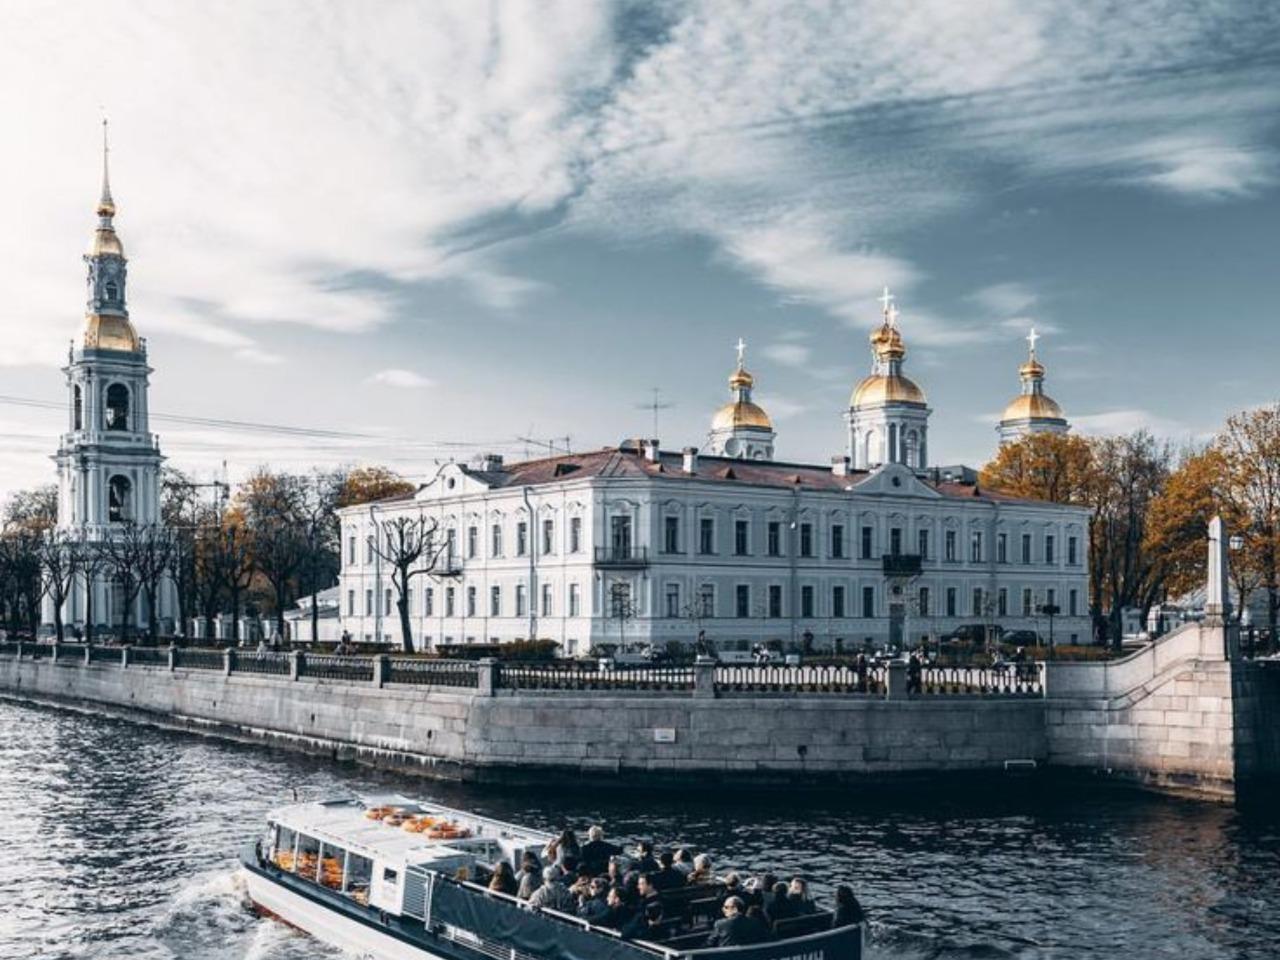 Пышный, бедный Петербург - индивидуальная экскурсия по Санкт-Петербургу от опытного гида